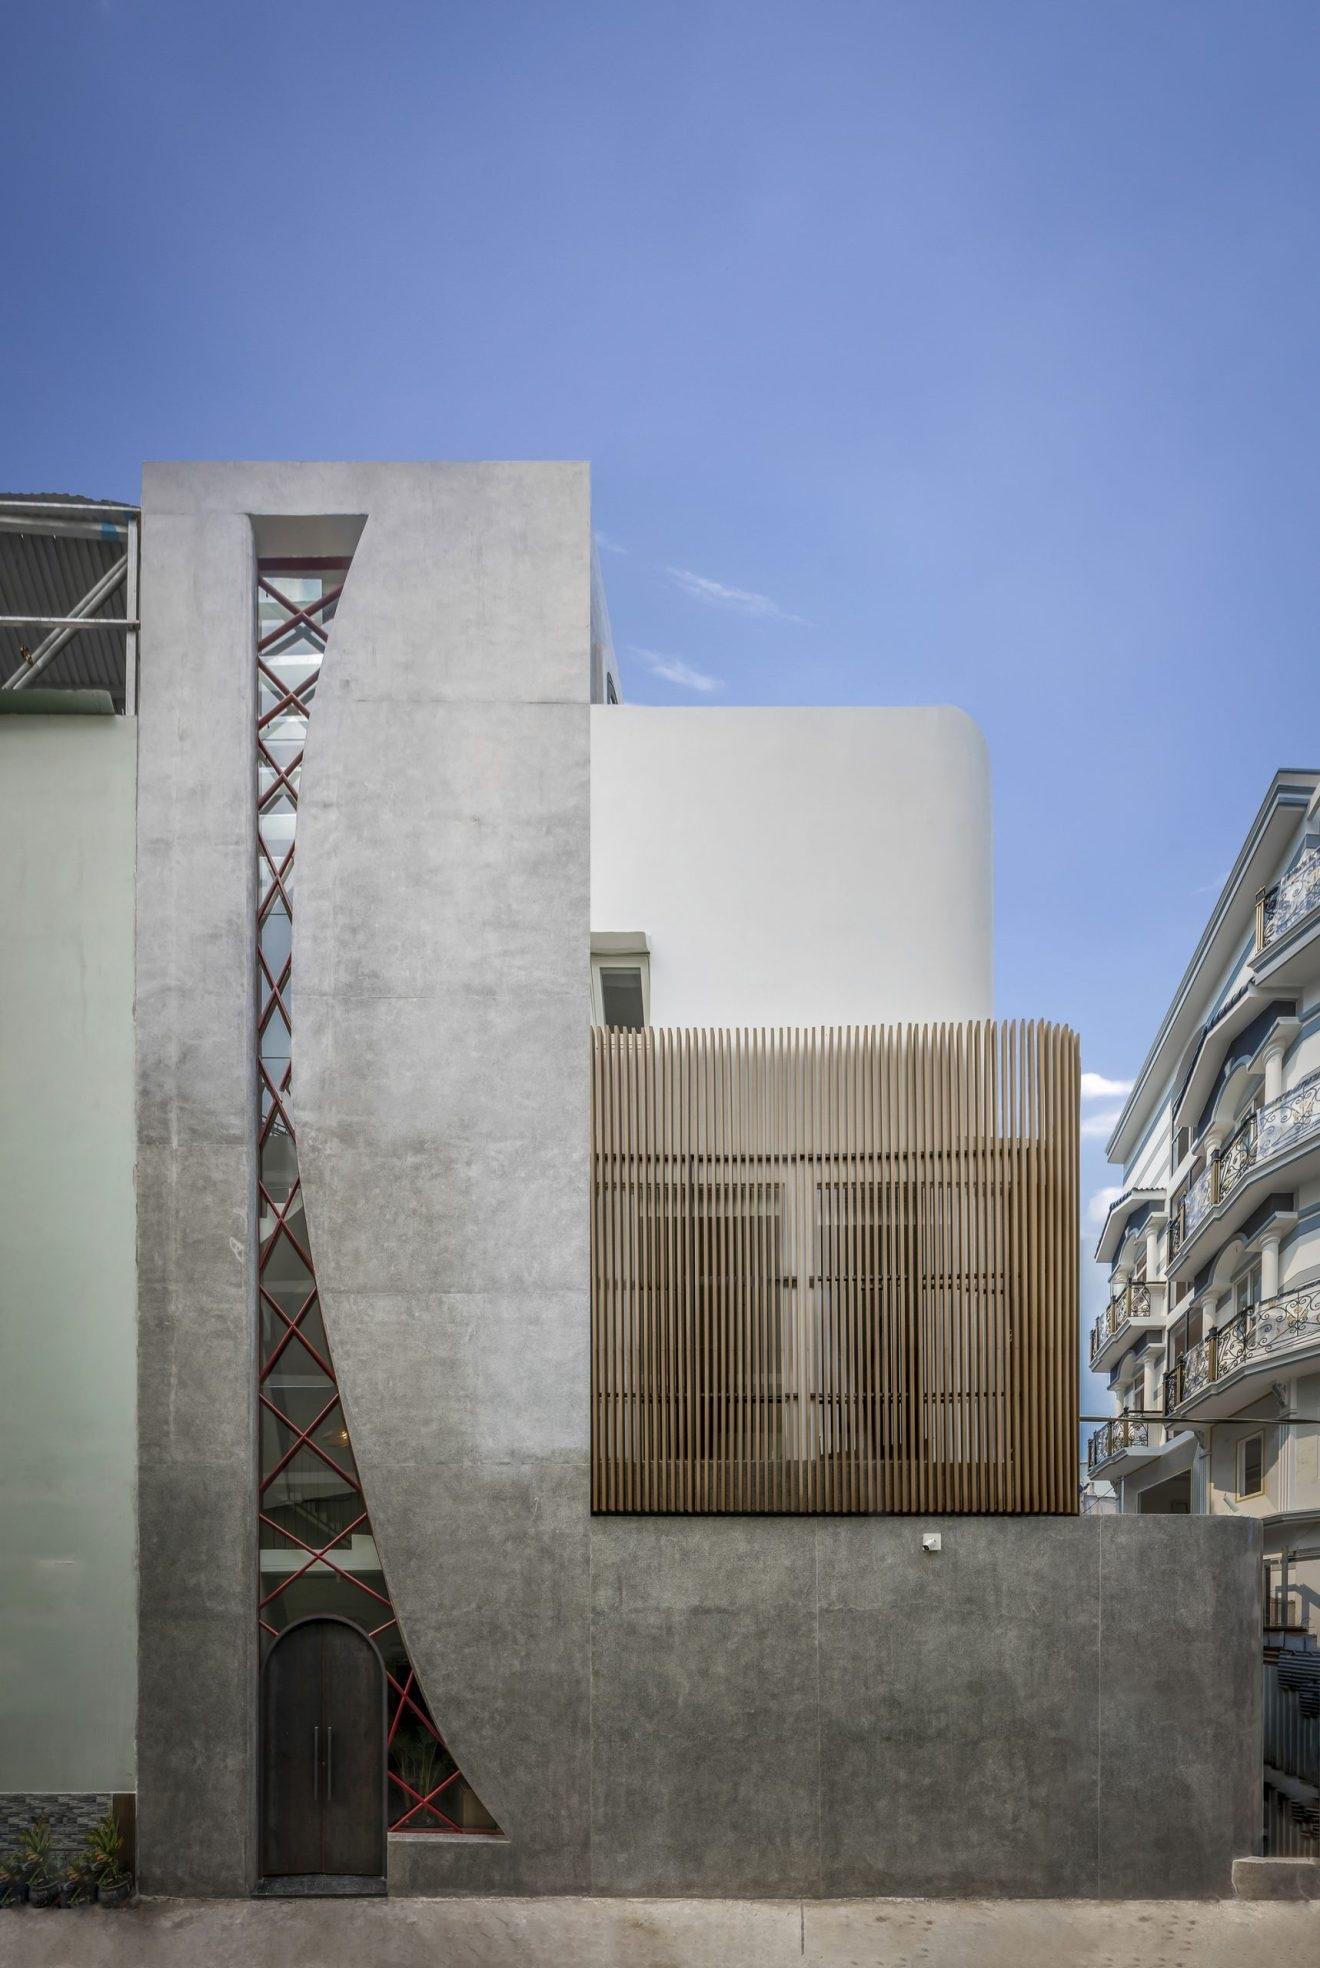 Nhà phố chỉ 48 m2 tuyệt đẹp của chàng trai độc thân ở Sài Gòn - 1